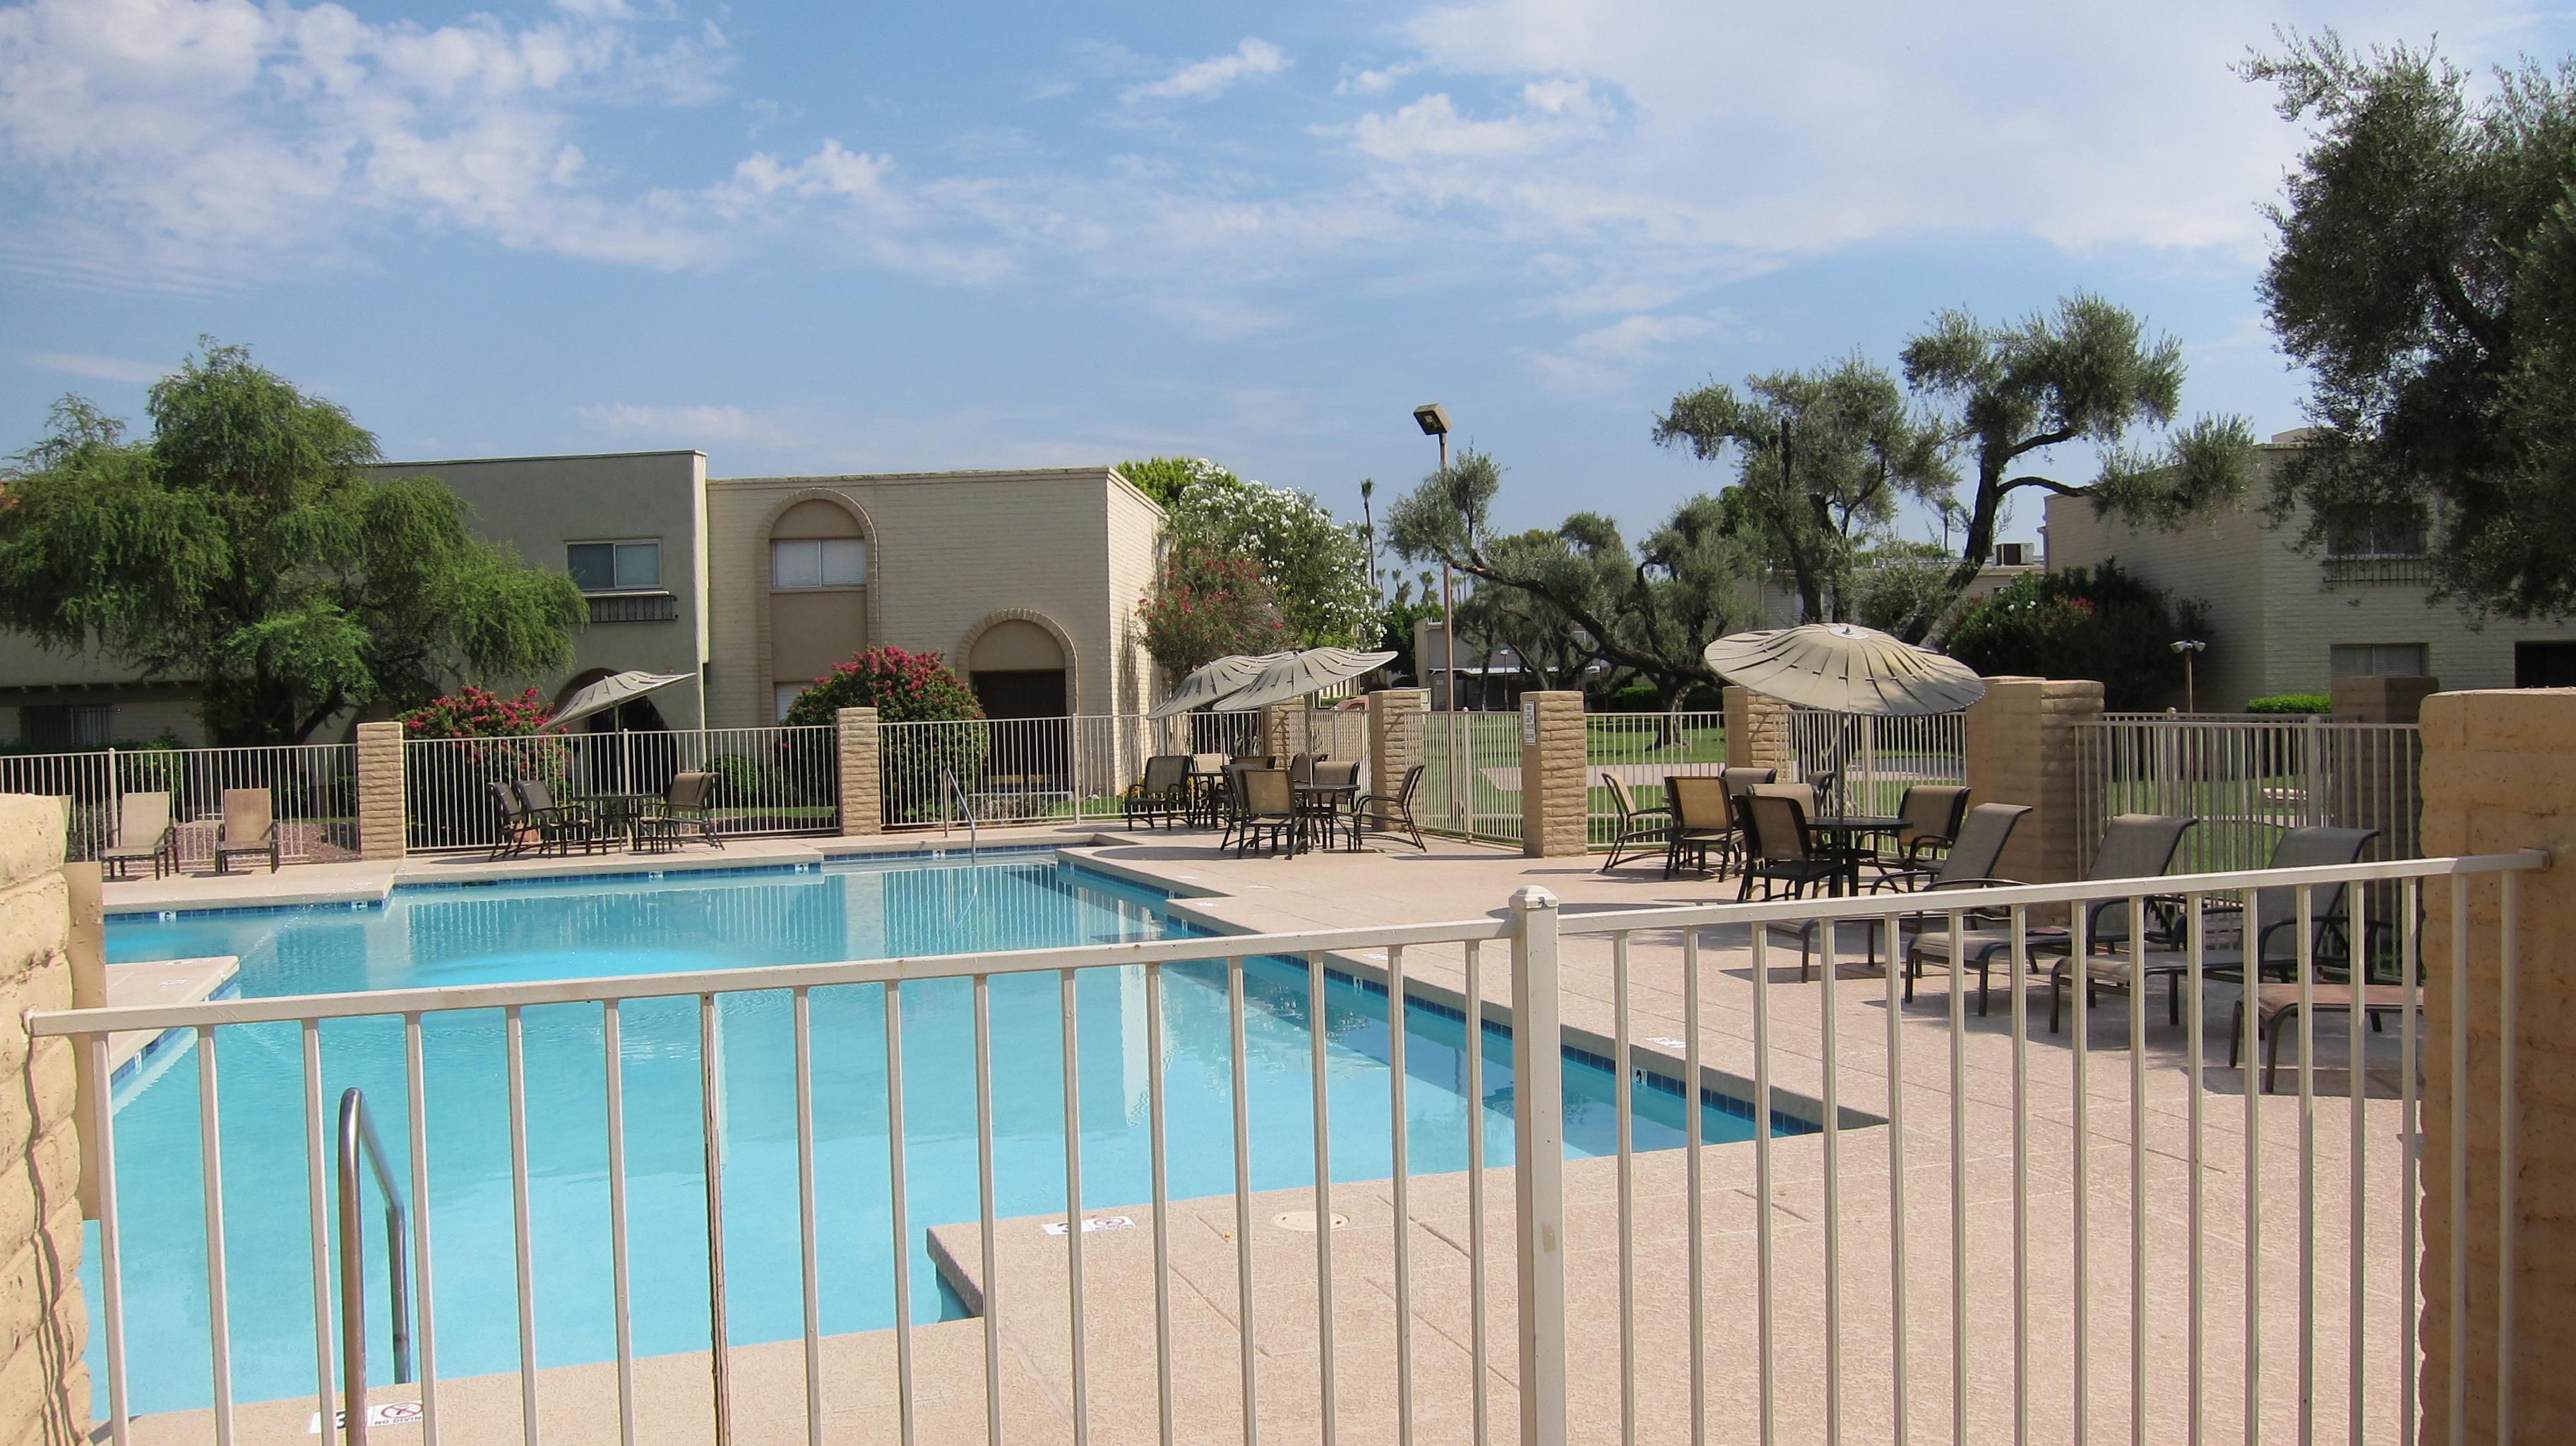 Casa Granada pool